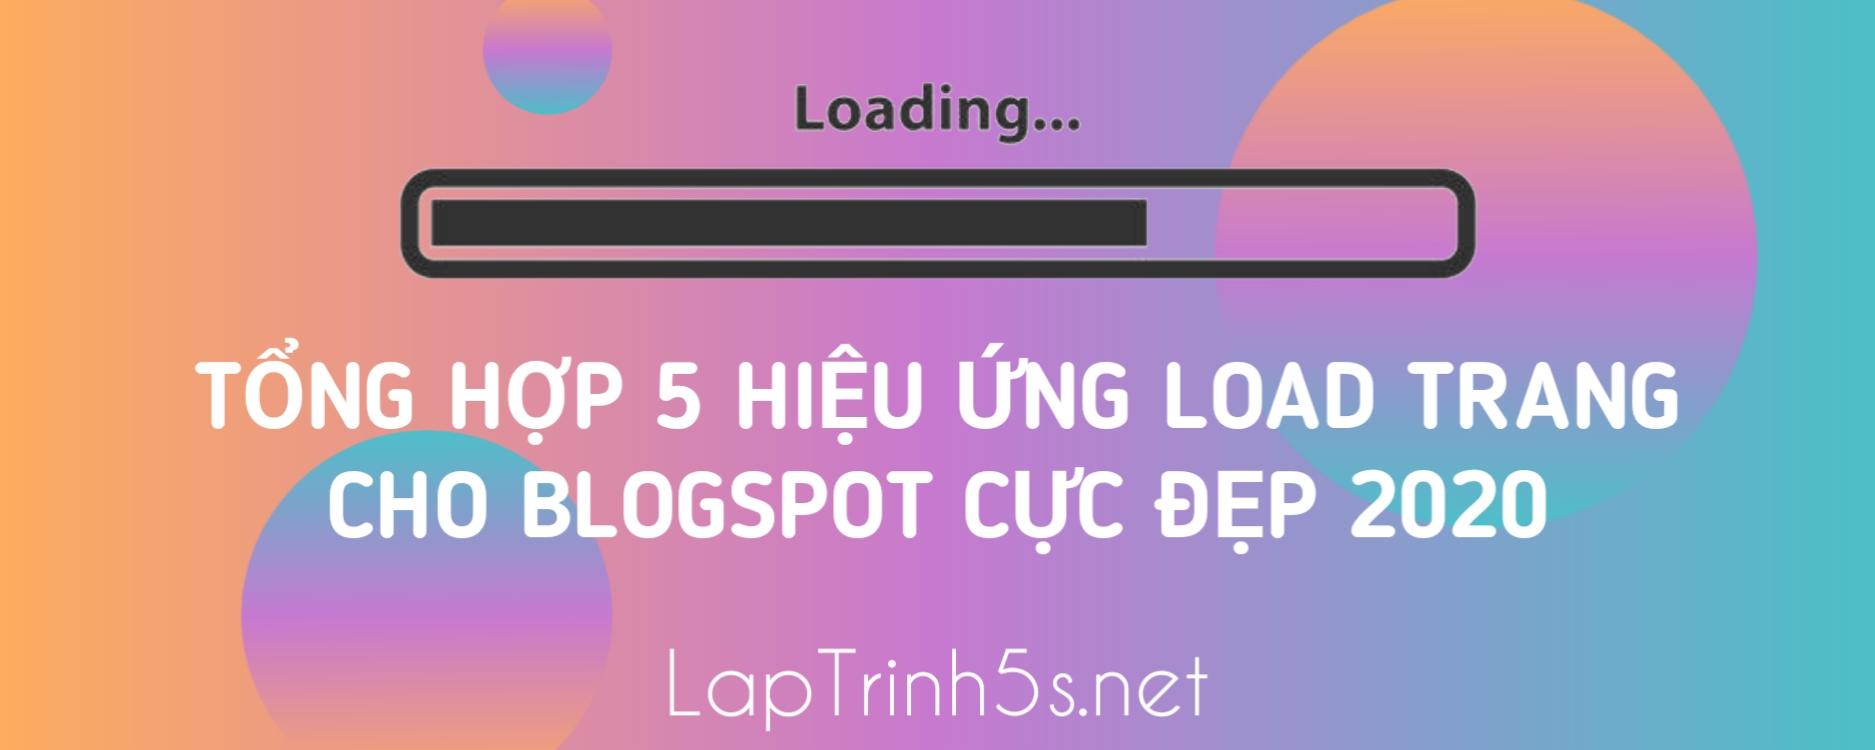 Tổng Hợp 5 Hiệu Ứng Load Trang Cho Blogspot Cực Đẹp 2020